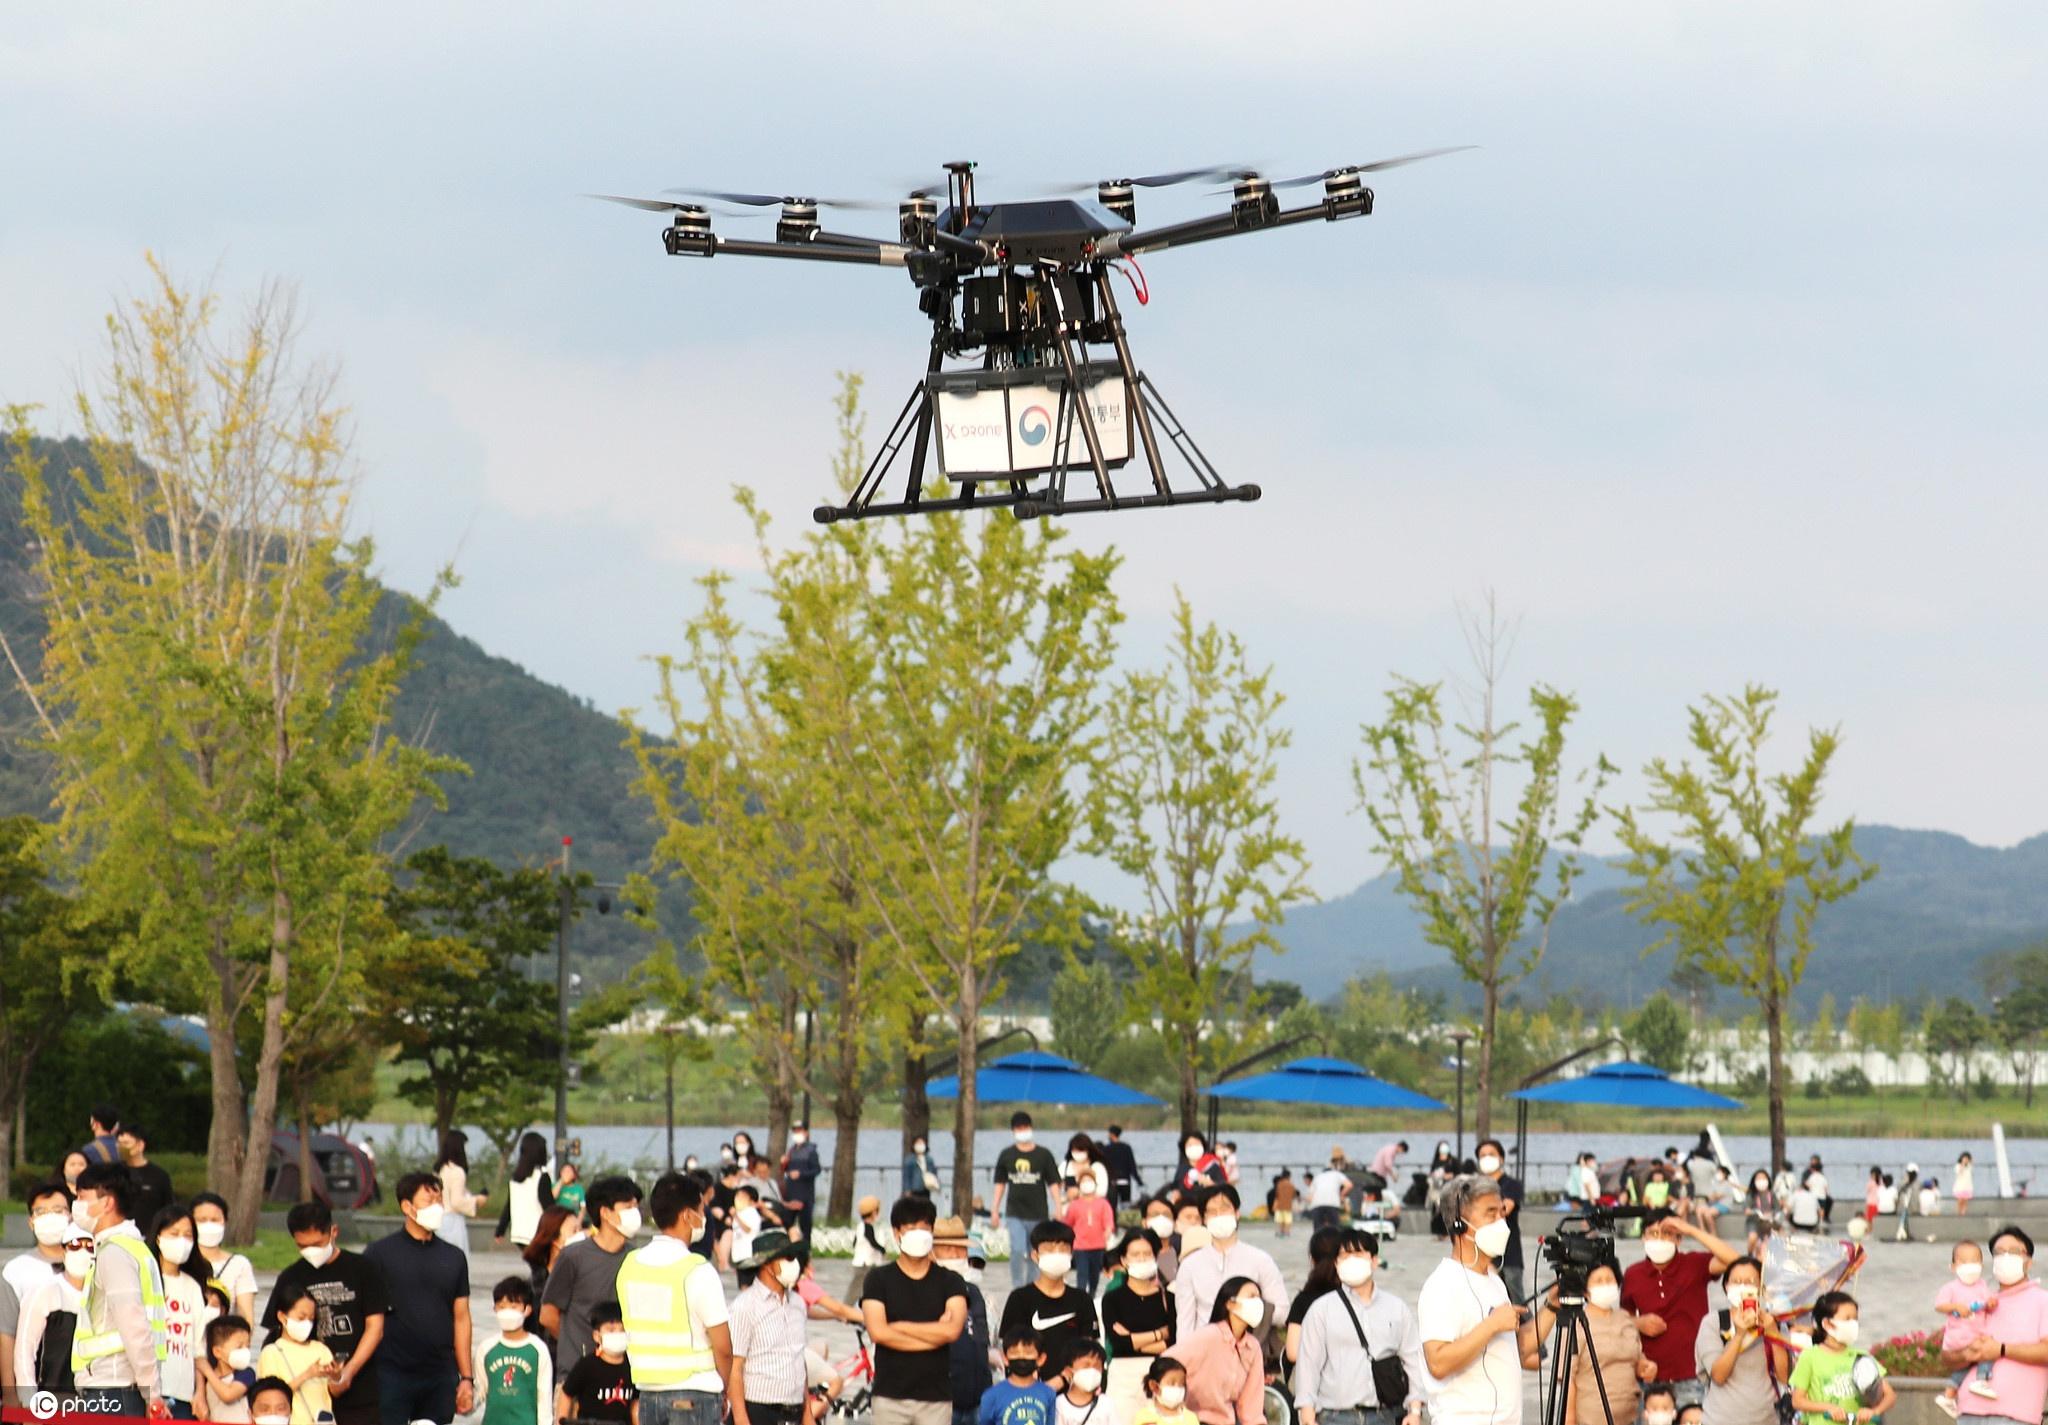 韩国无人机送货演示来了!为市民送炸鸡